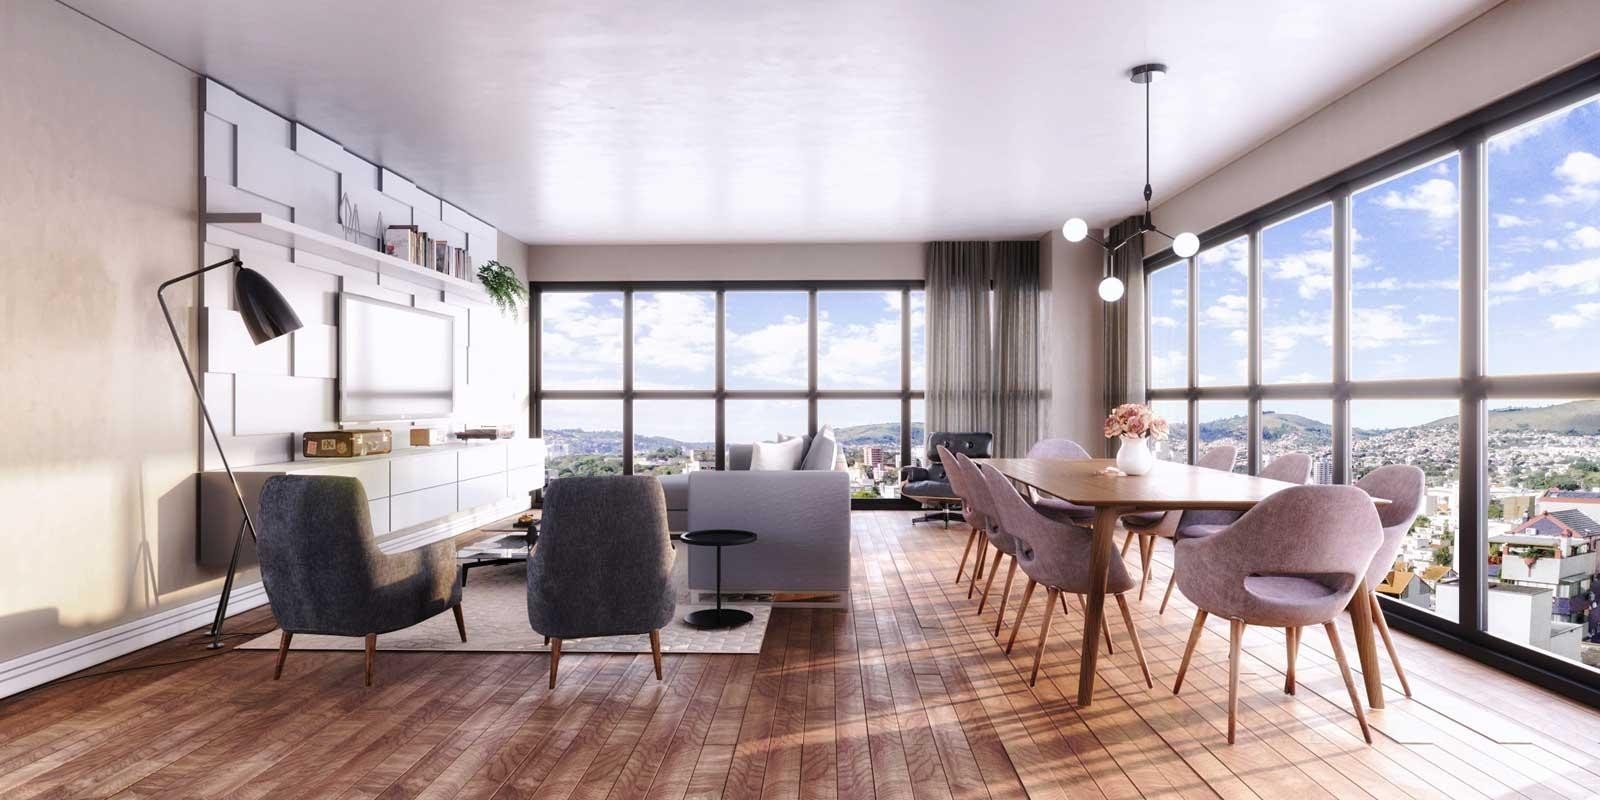 TPS Imóveis apresenta Apartamento Amplo 3 Dormitórios em Porto Alegre